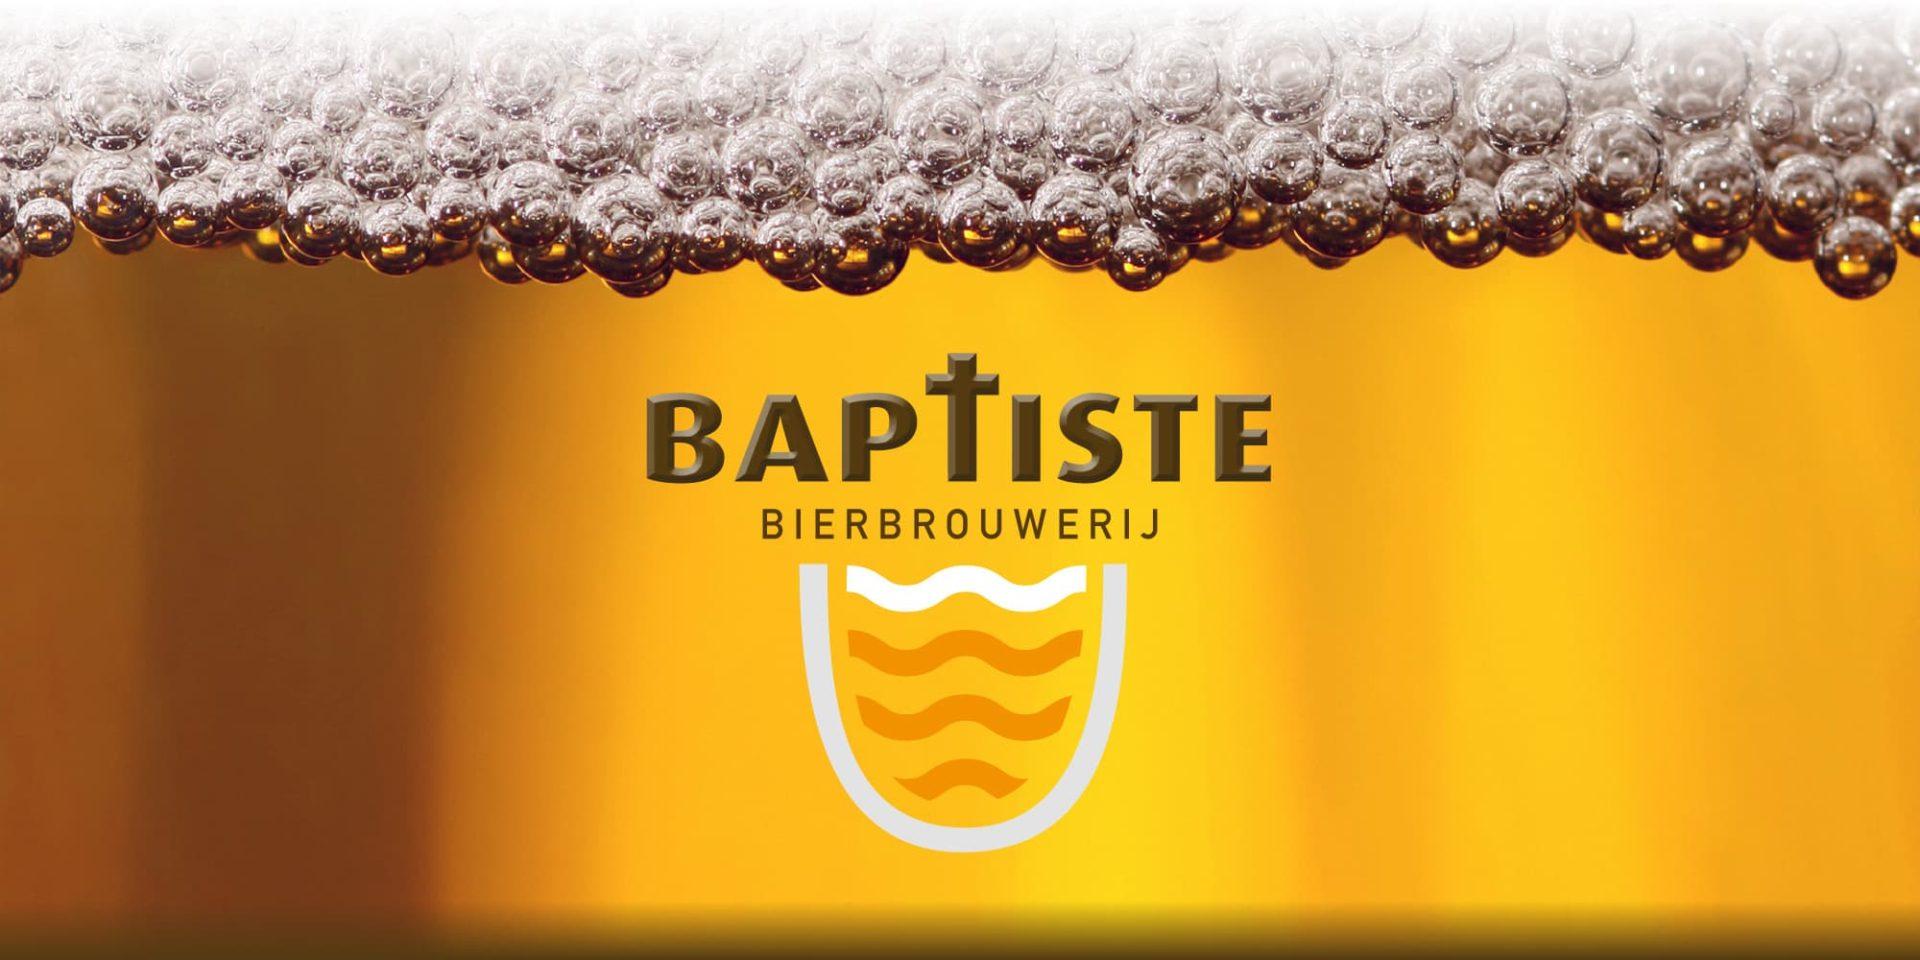 Baptiste overzicht - Jeroen Borrenbergs)